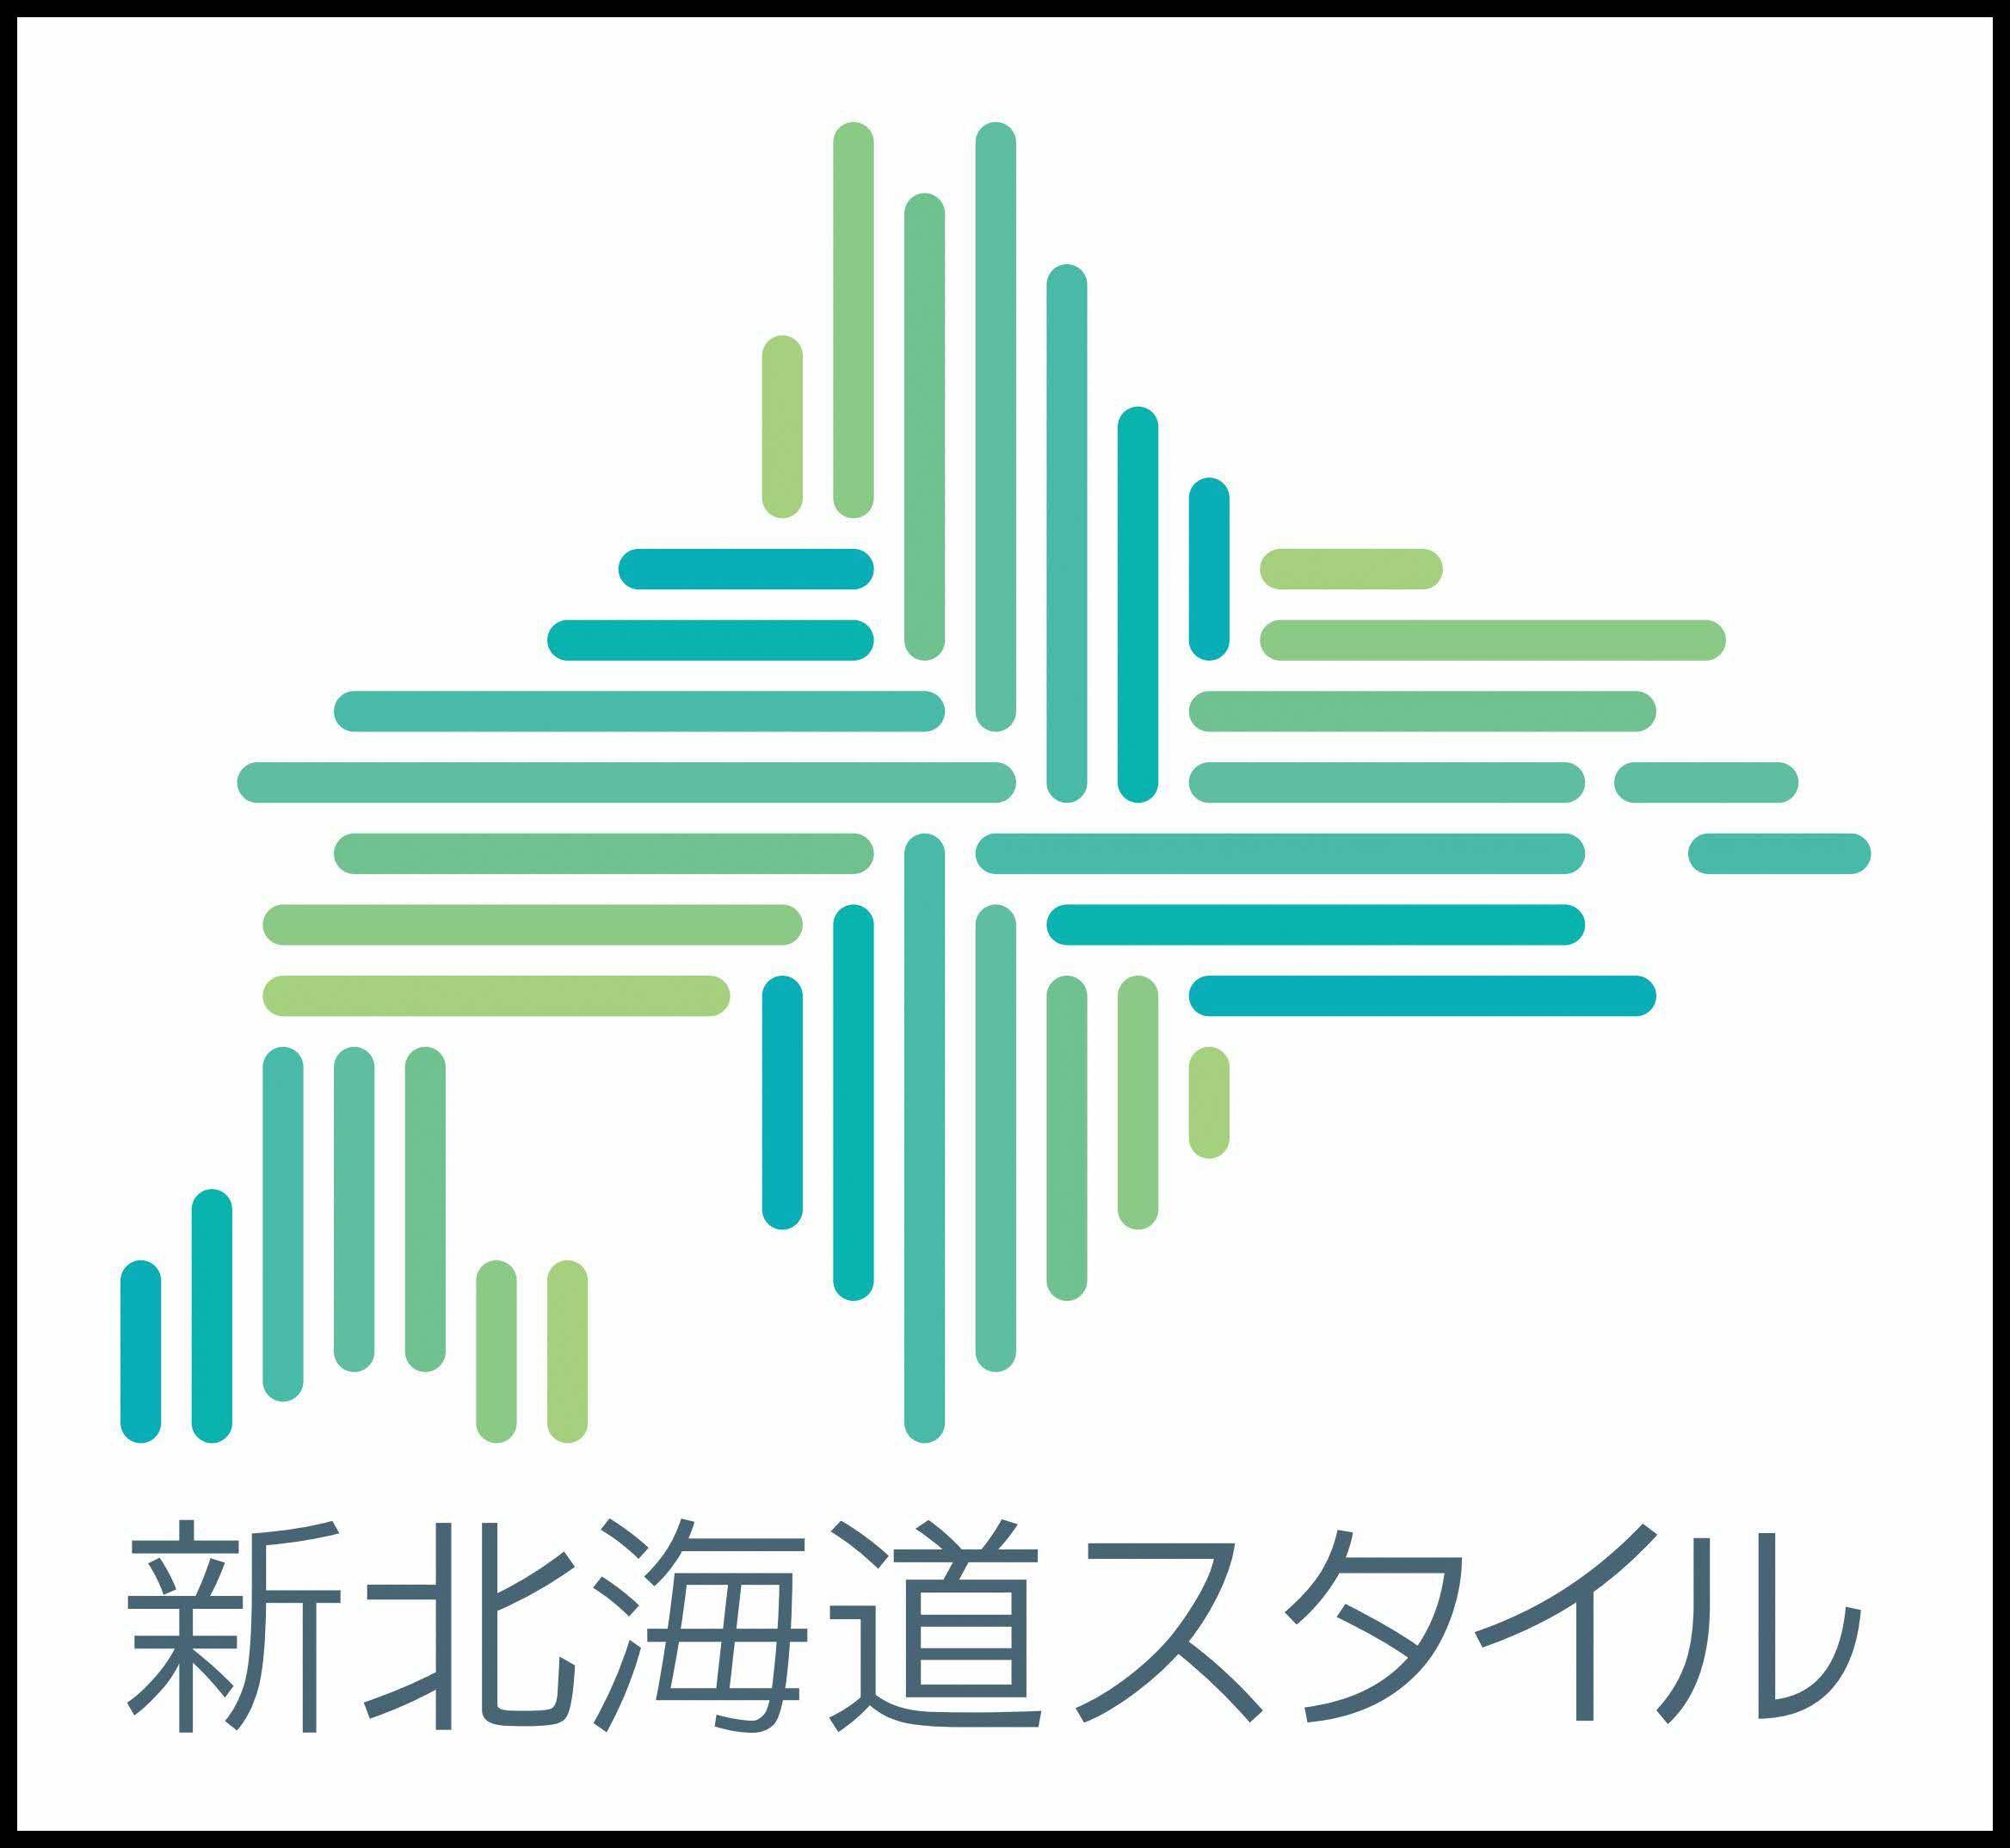 コートホテル旭川 image